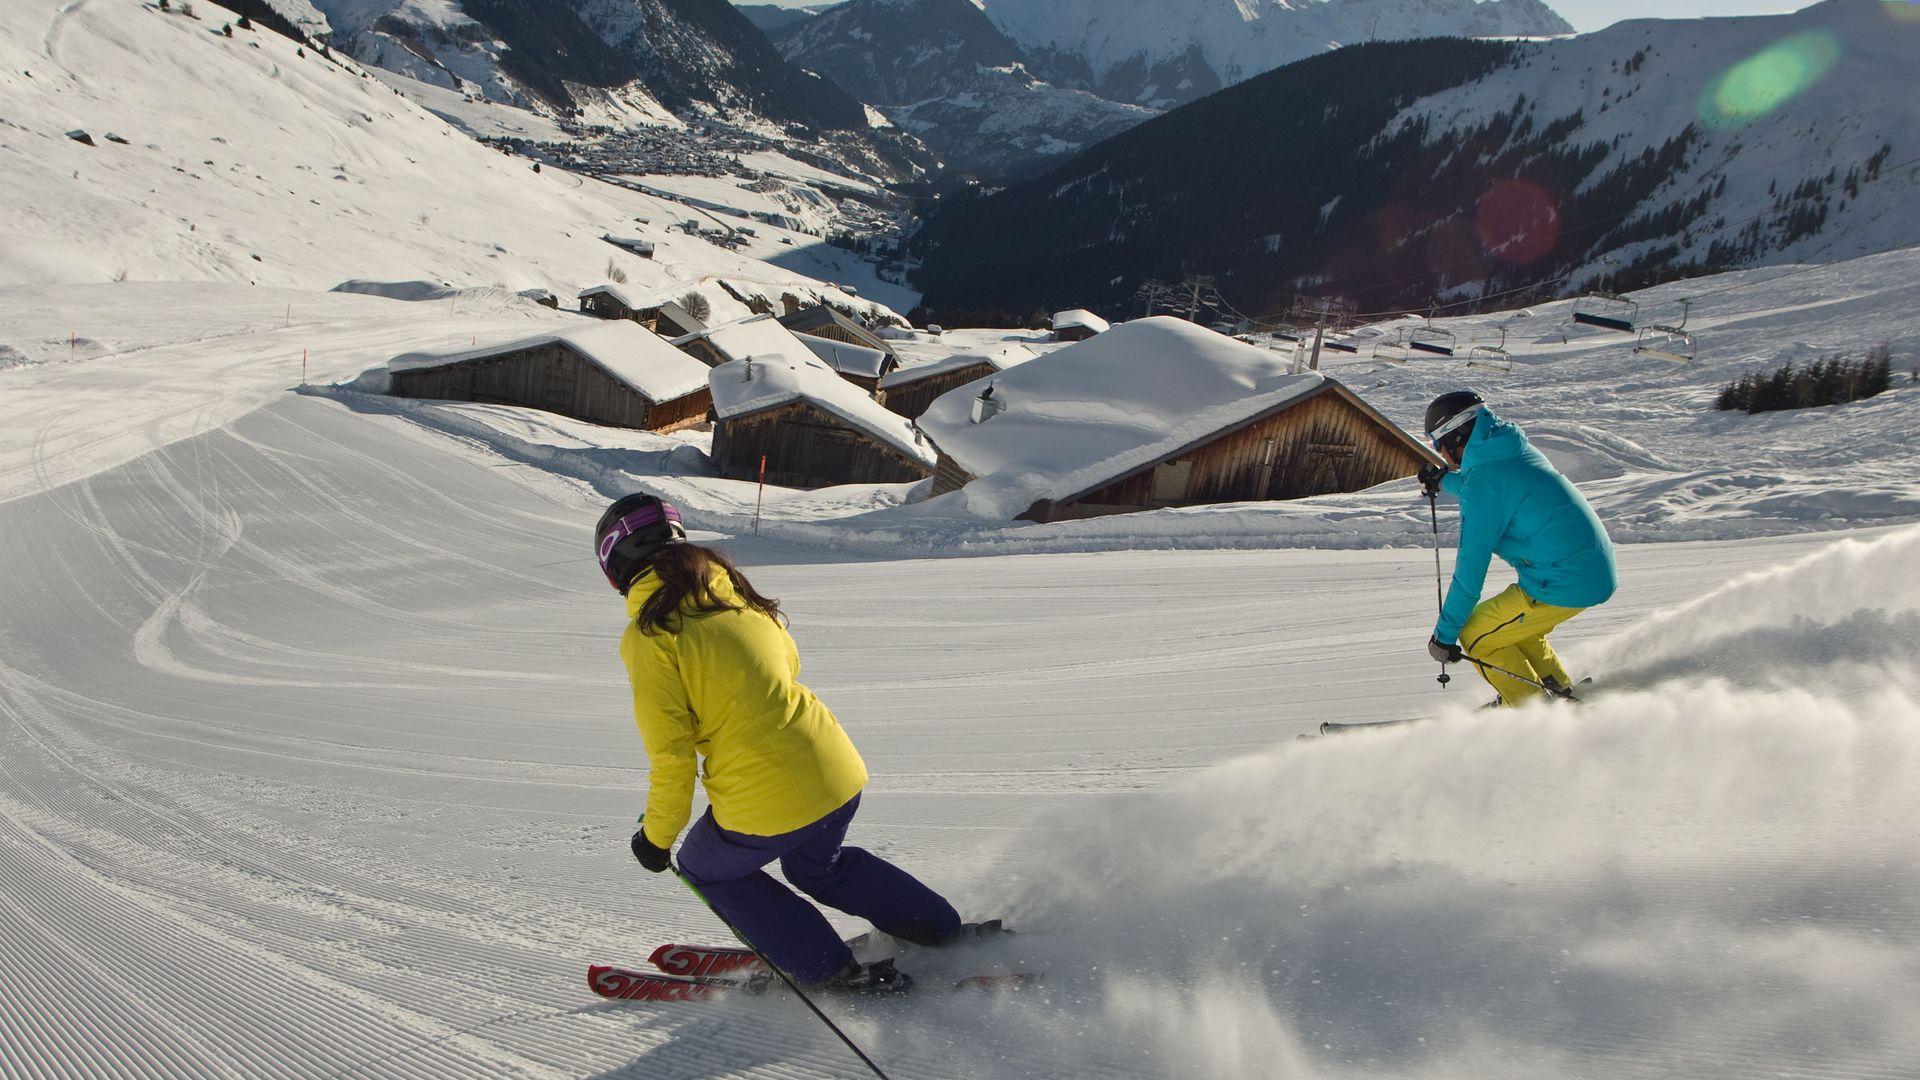 Skifahren-Disentis-Sedrun-Piste_a52478d65b